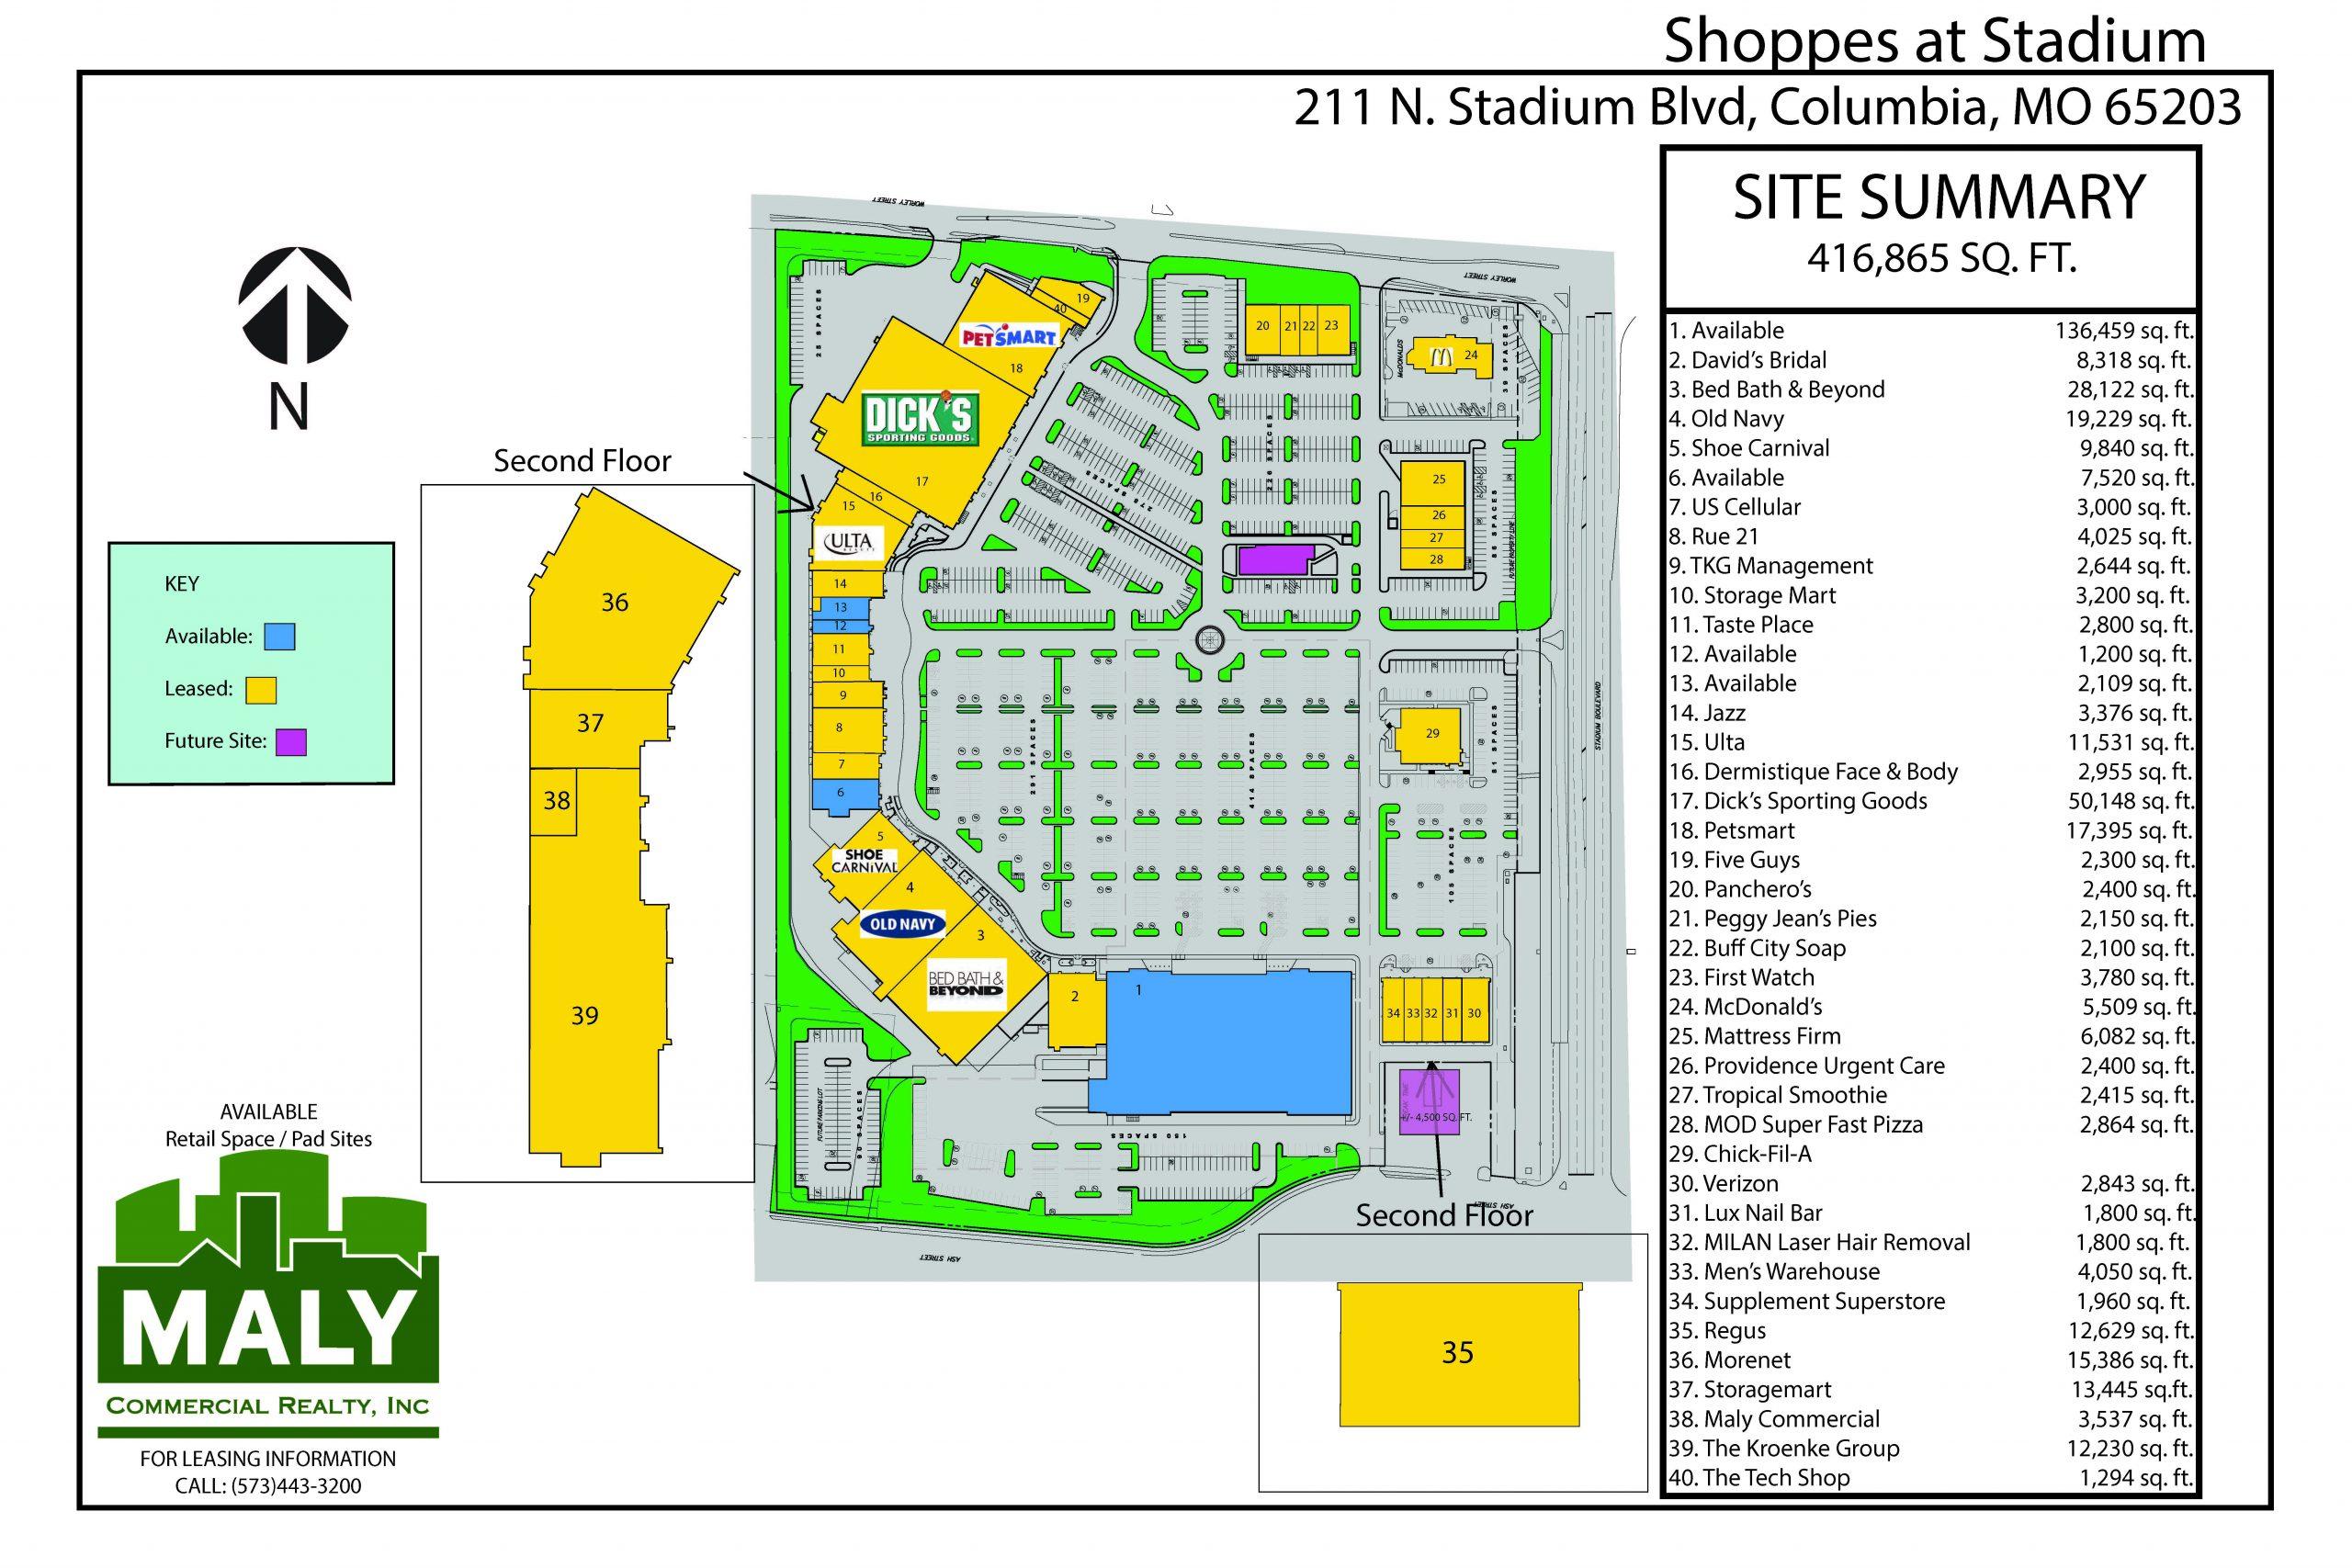 215 N. Stadium Blvd., Suite 109